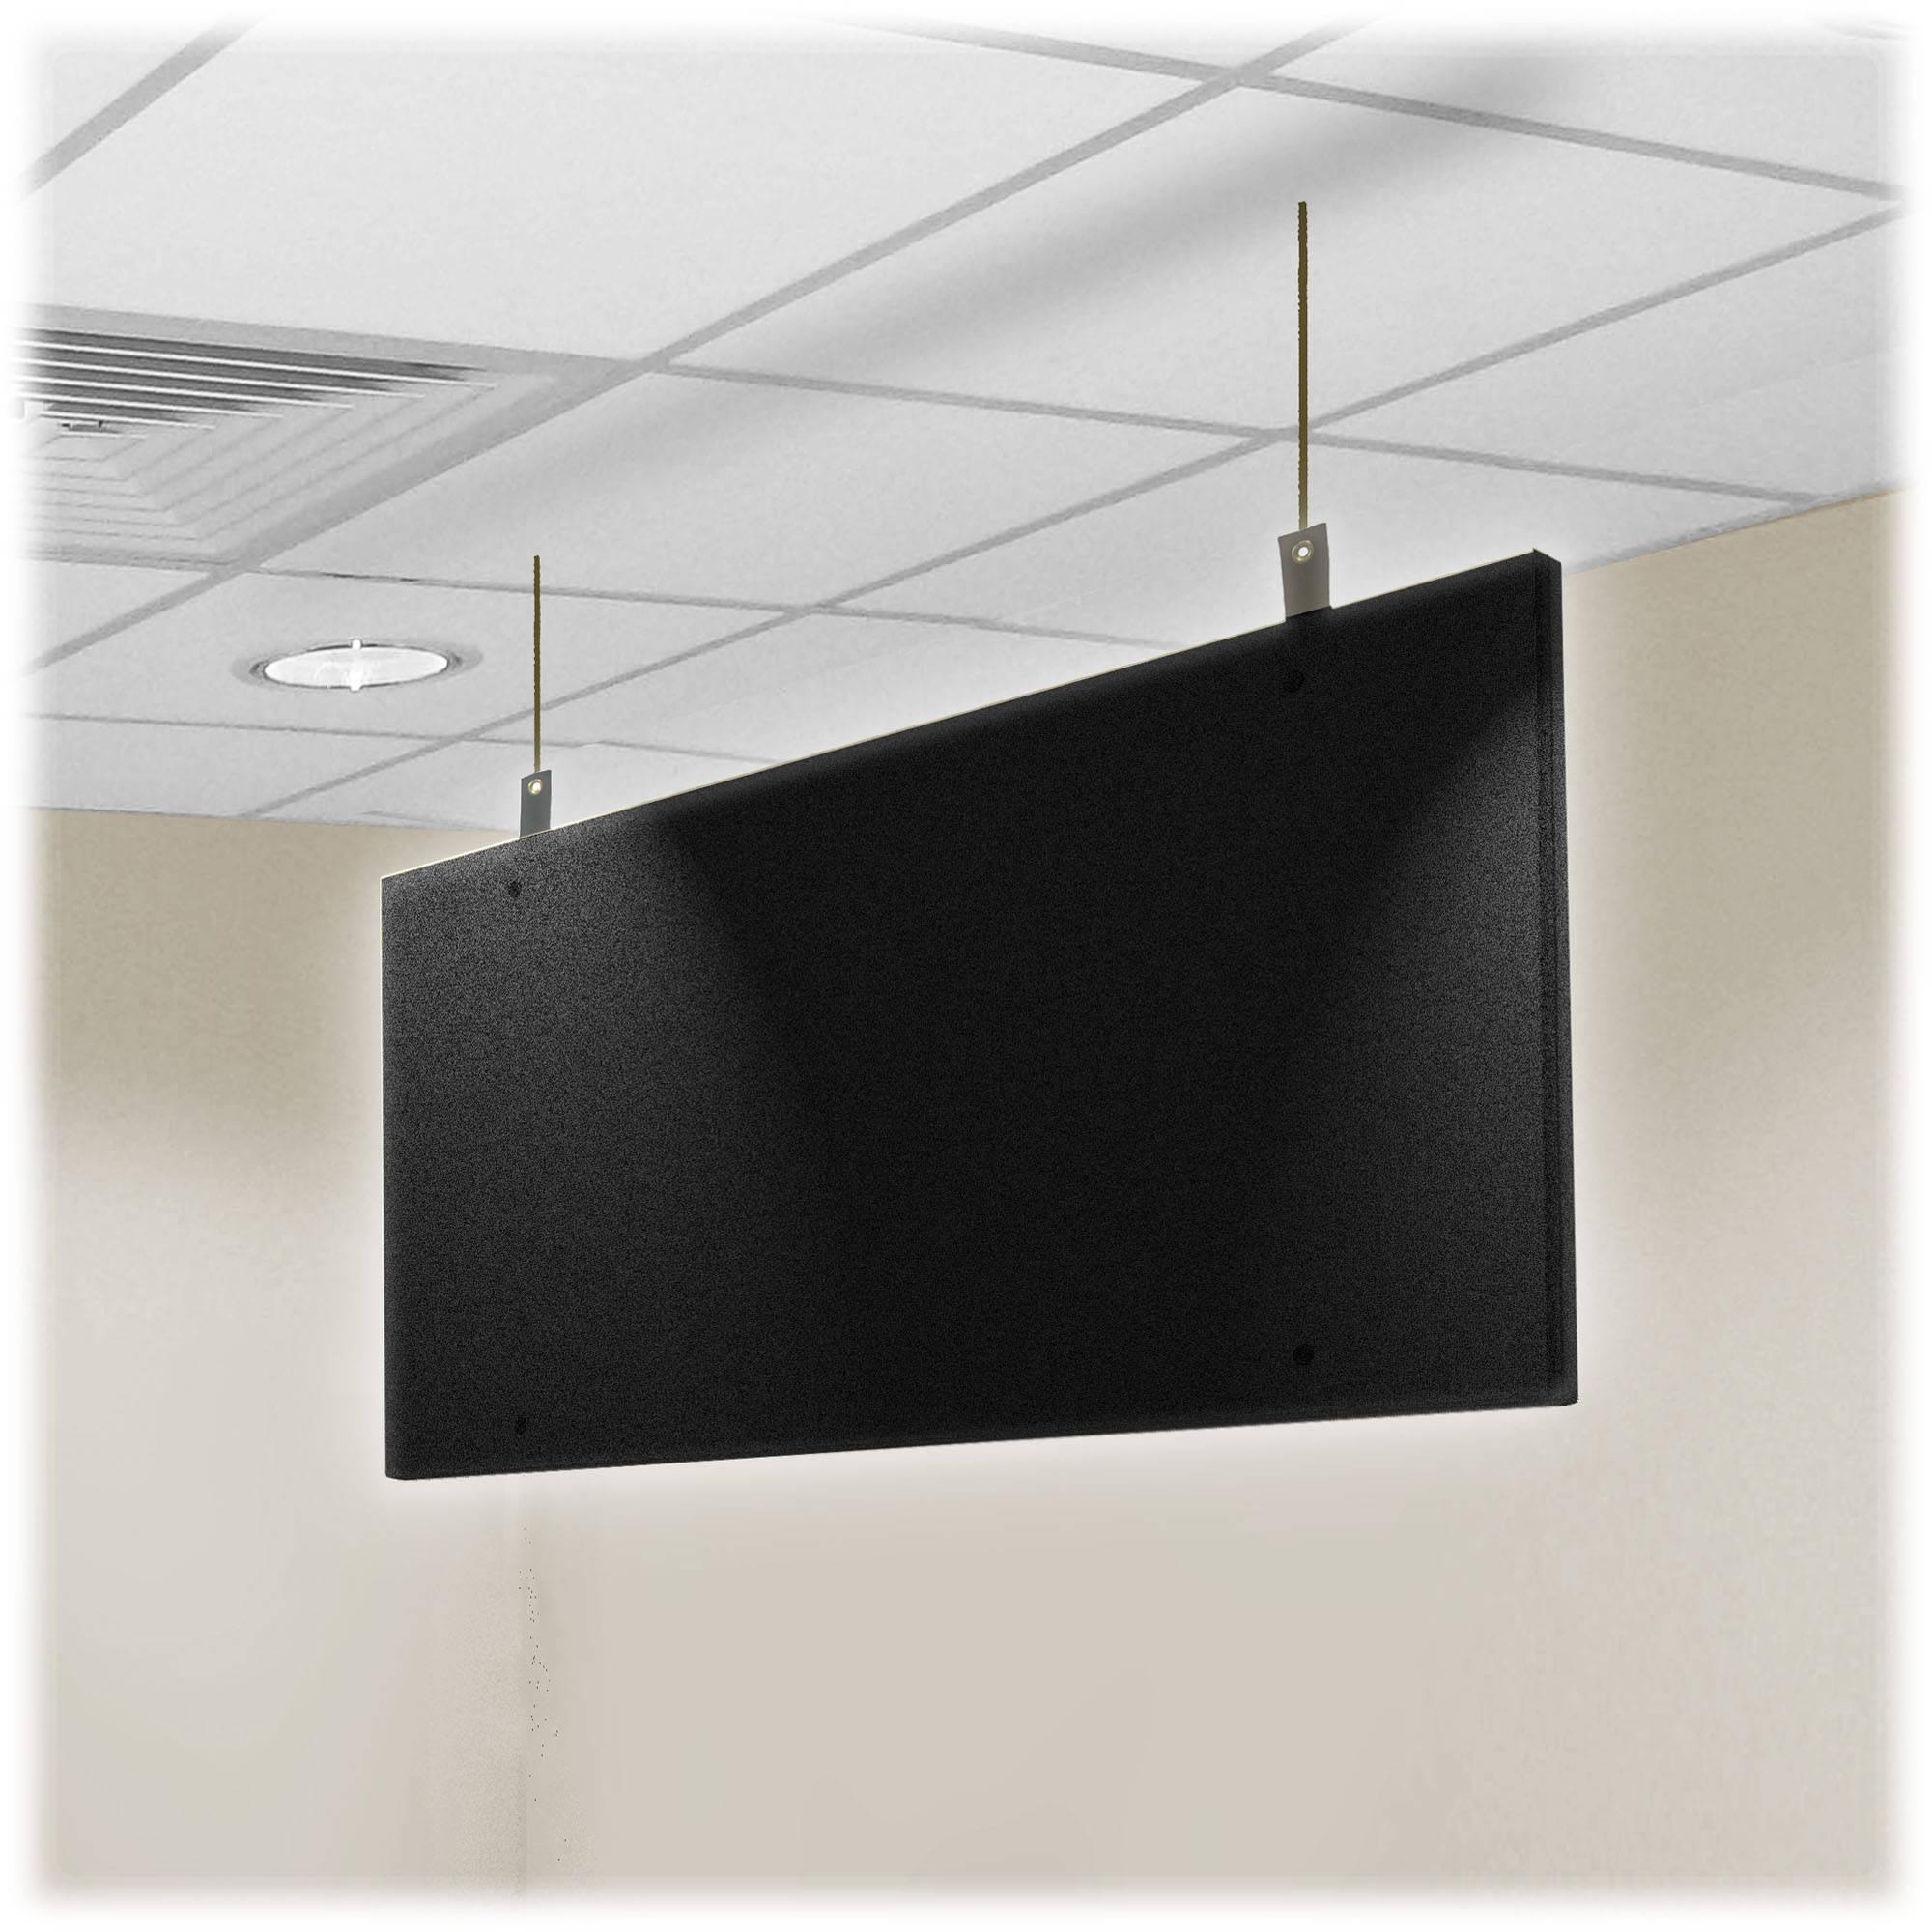 Primacoustic Saturna Hanging Ceiling Baffle Black Z840